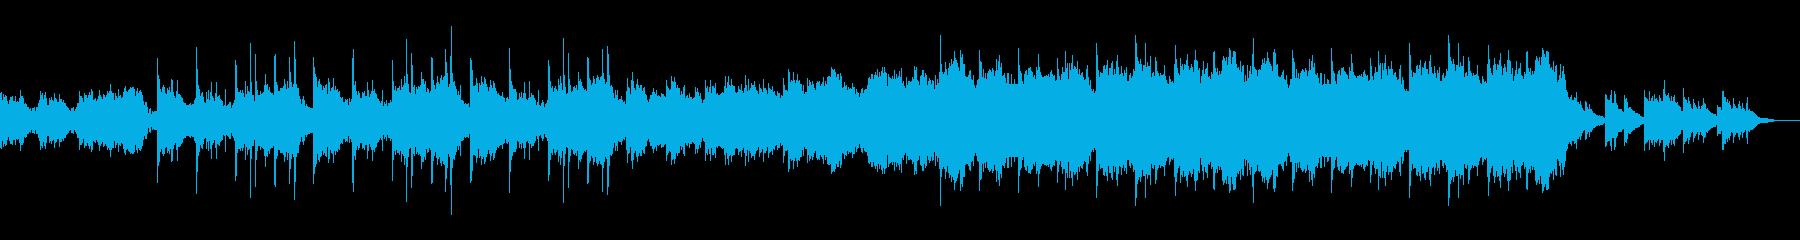 里山和風メロ田舎風企業VPオープニングの再生済みの波形